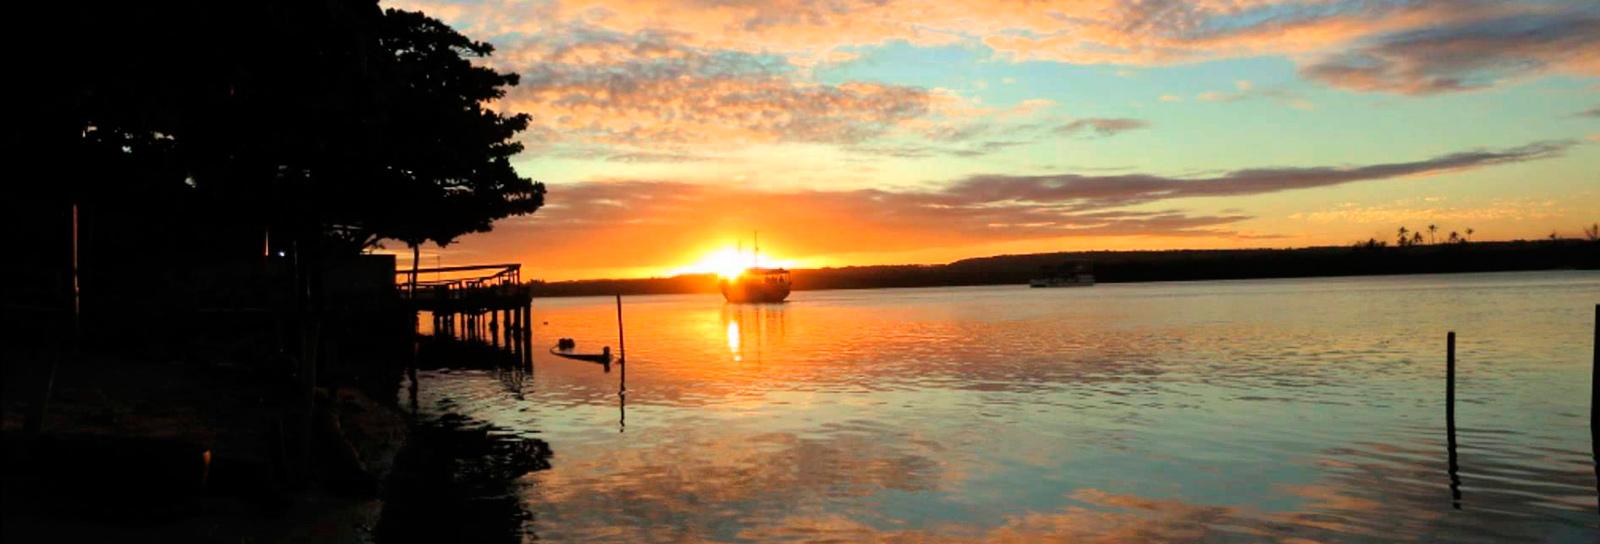 Refresque-se em alguma dessas belas lagoas brasileiras